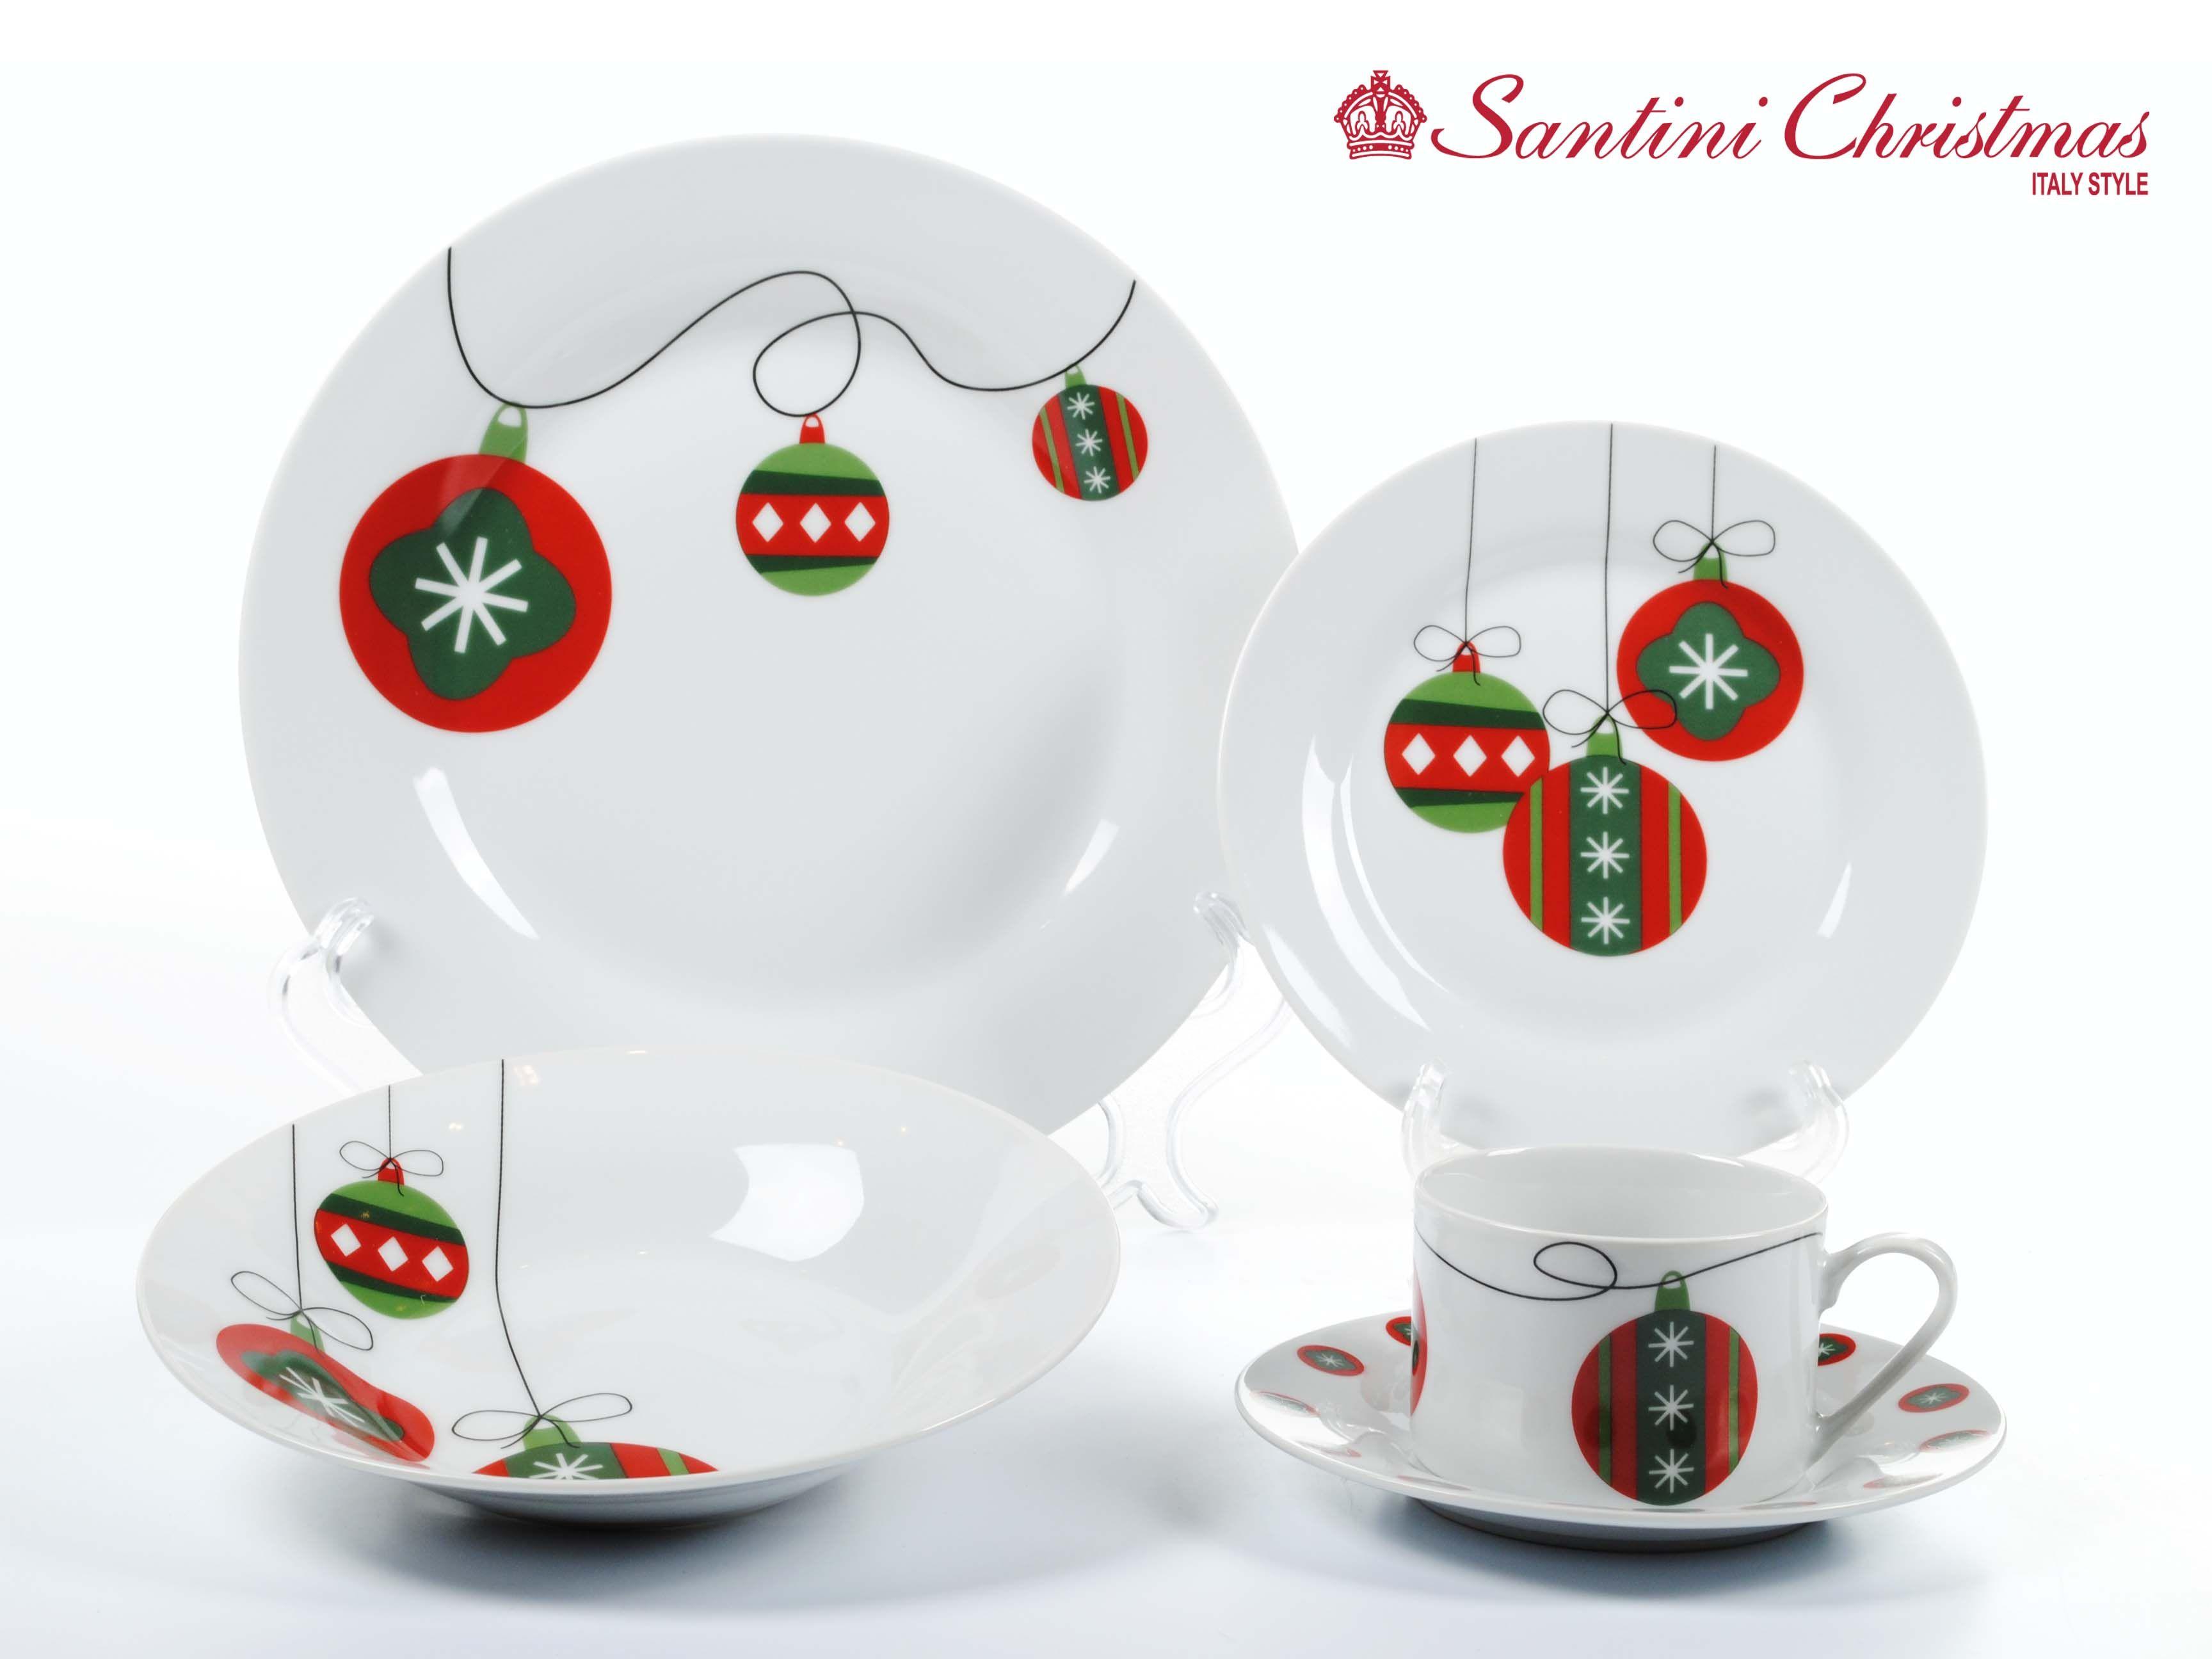 Vajilla con motivo de bolas navide as christmas balls dinnerware set vajillas pinterest - Vajillas navidenas ...